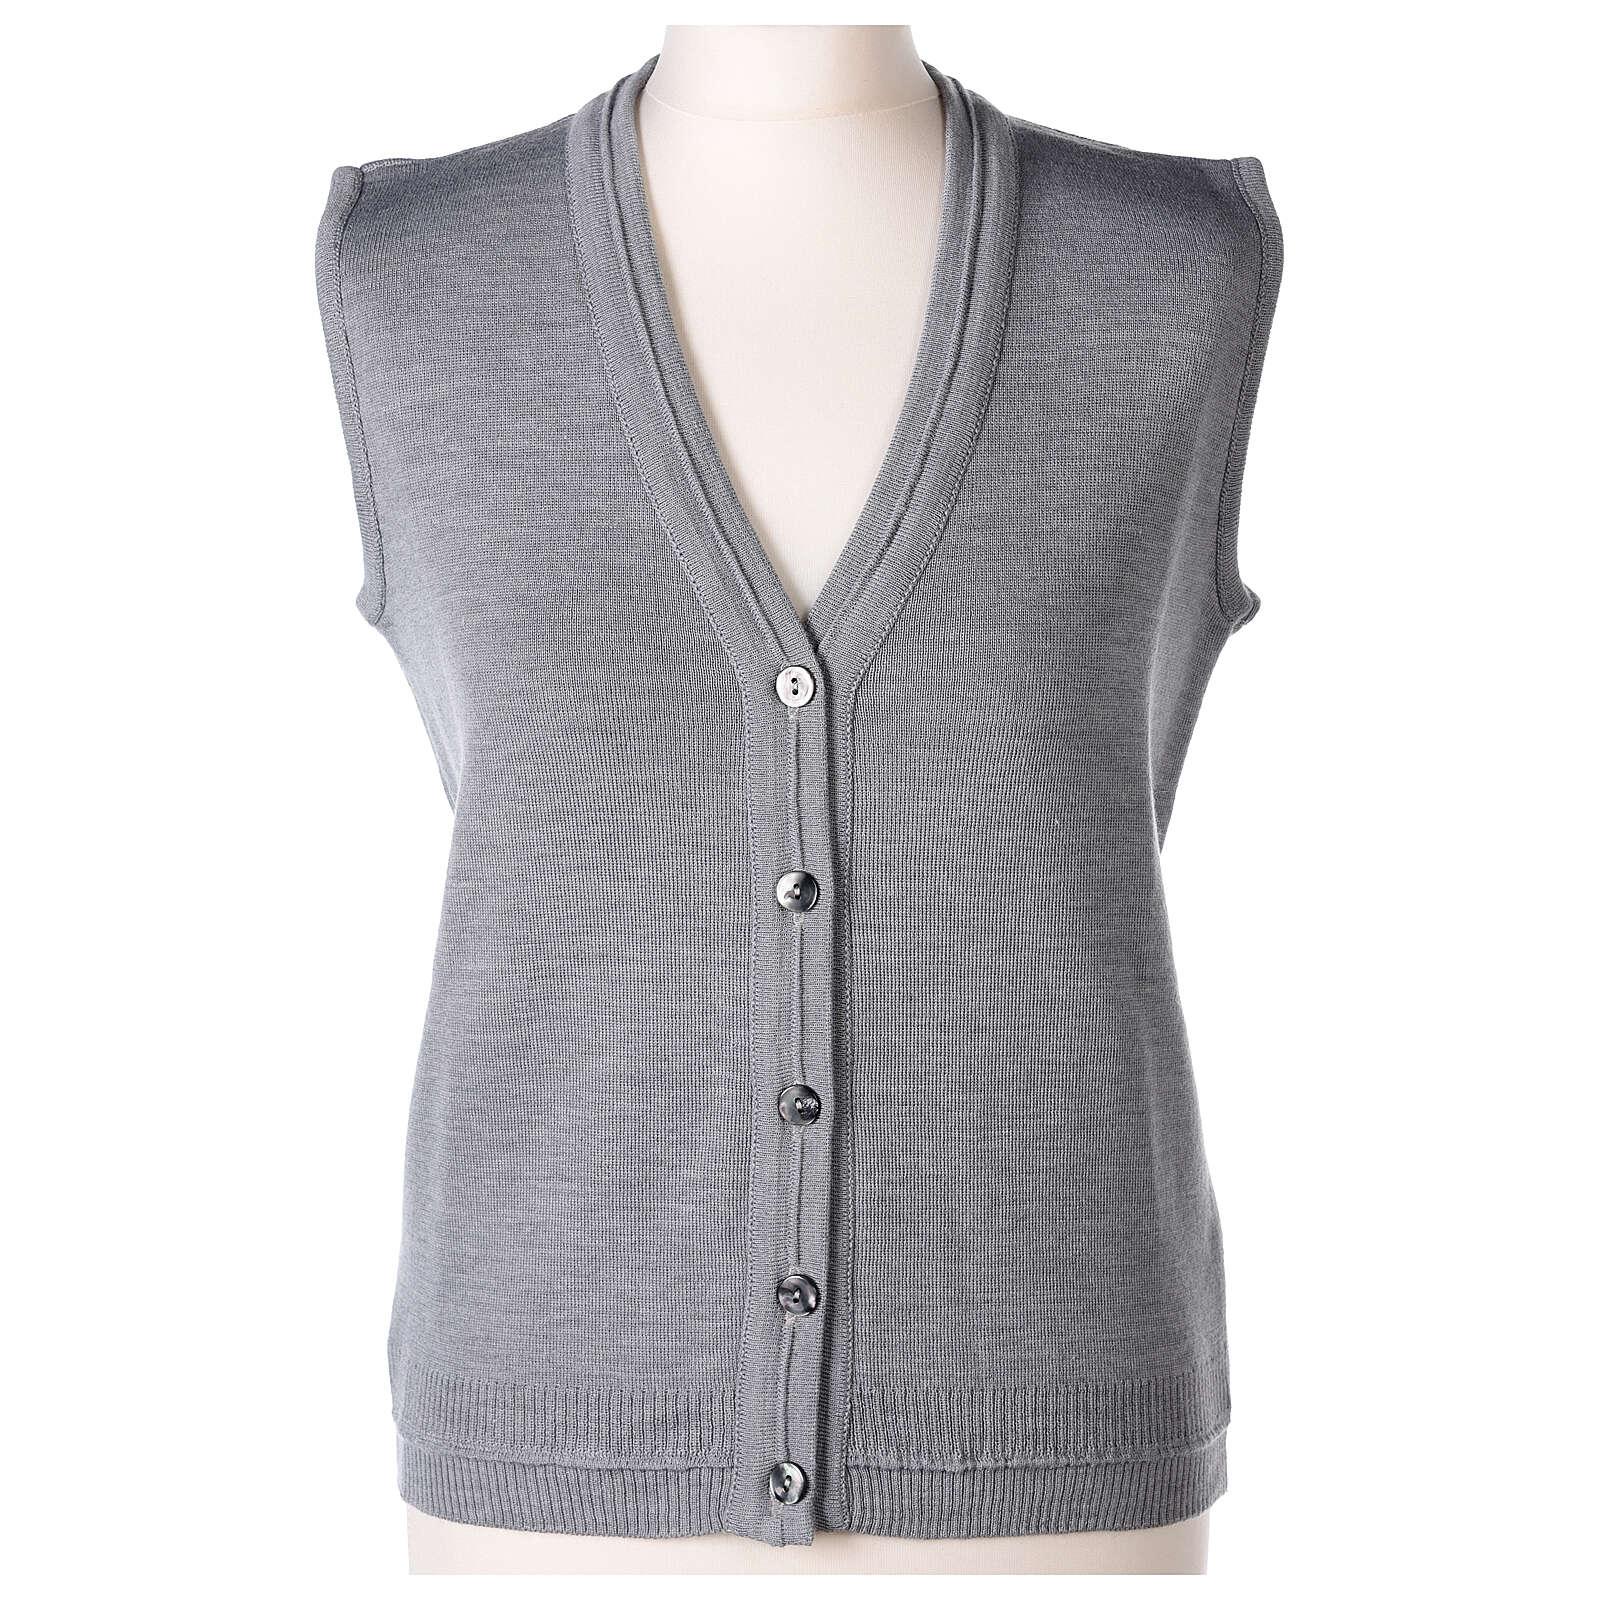 Chaleco monja gris perla corto cuello V bolsillos punto unido 50% acrílico 50% lana merina In Primis 4